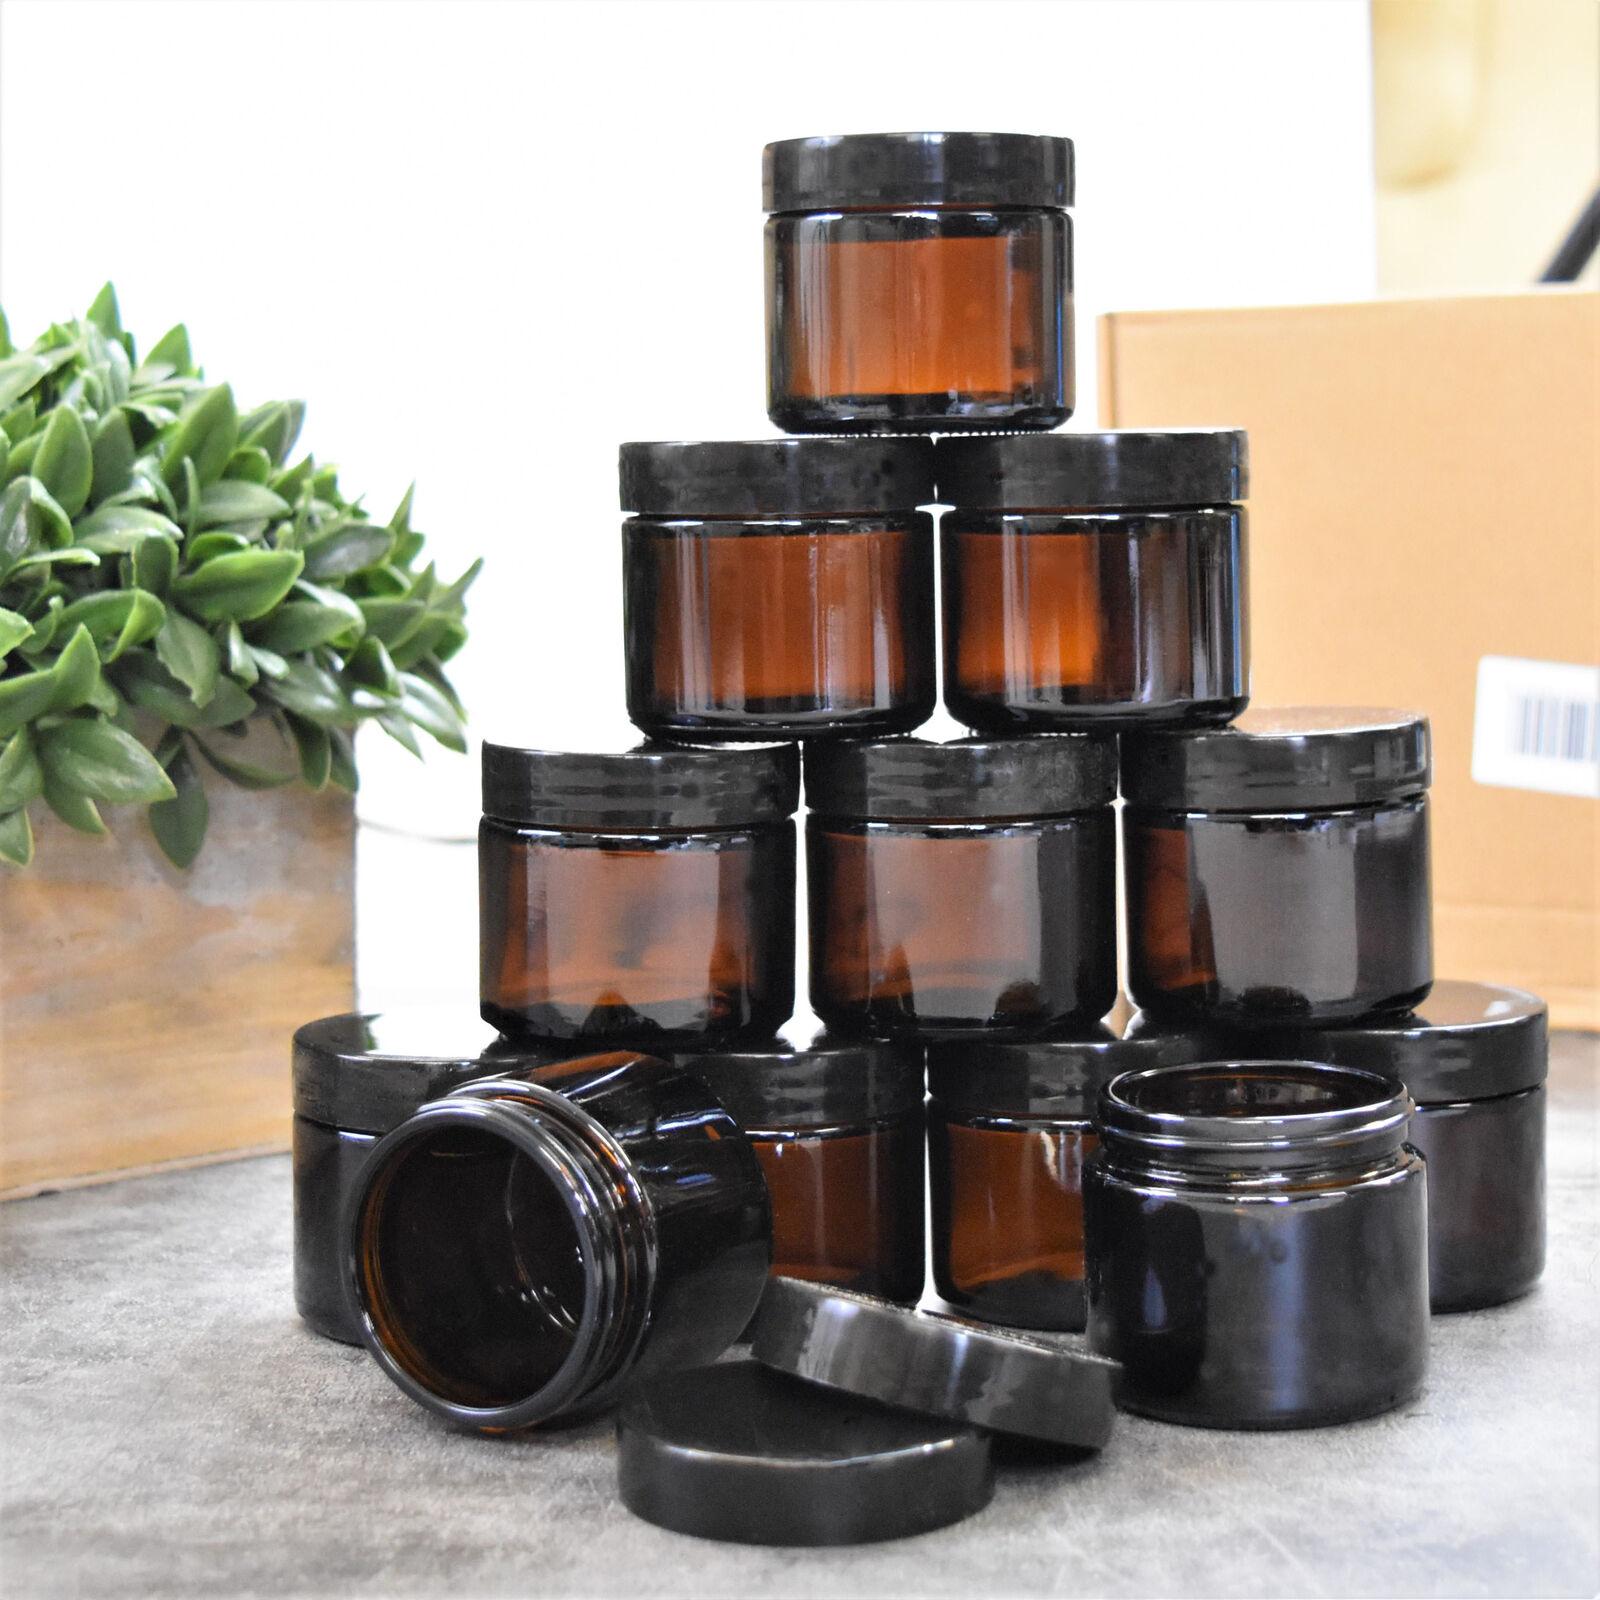 2 oz Round Amber Glass Jars - 12 Pack, Borsellic Glass, Dark